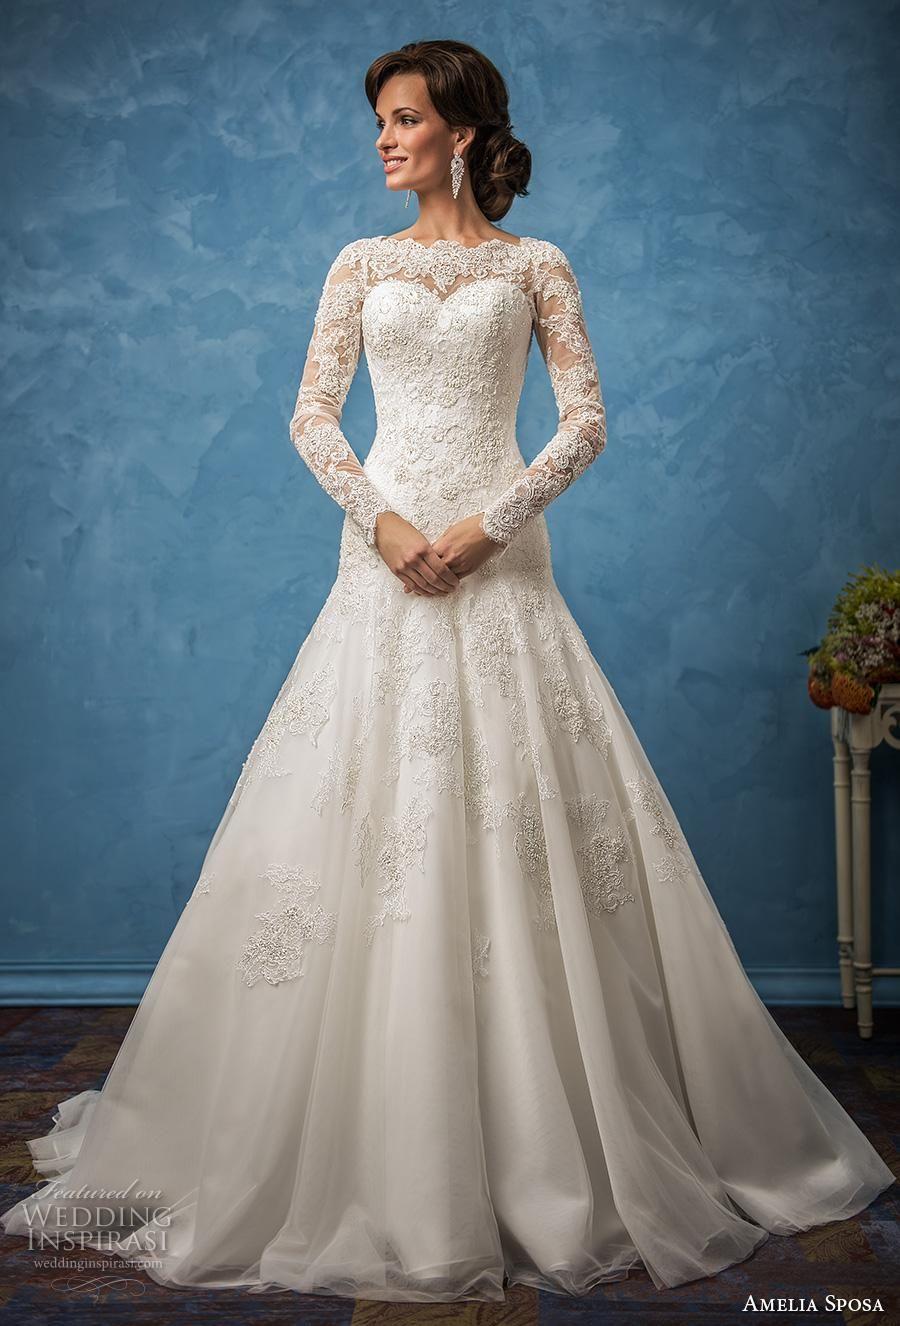 Vintage Lace Sheer Illusion 2018 Brautkleider A-Line Langarm Plus Größe Zug vestido de noiva Brautkleid Ball Für Braut